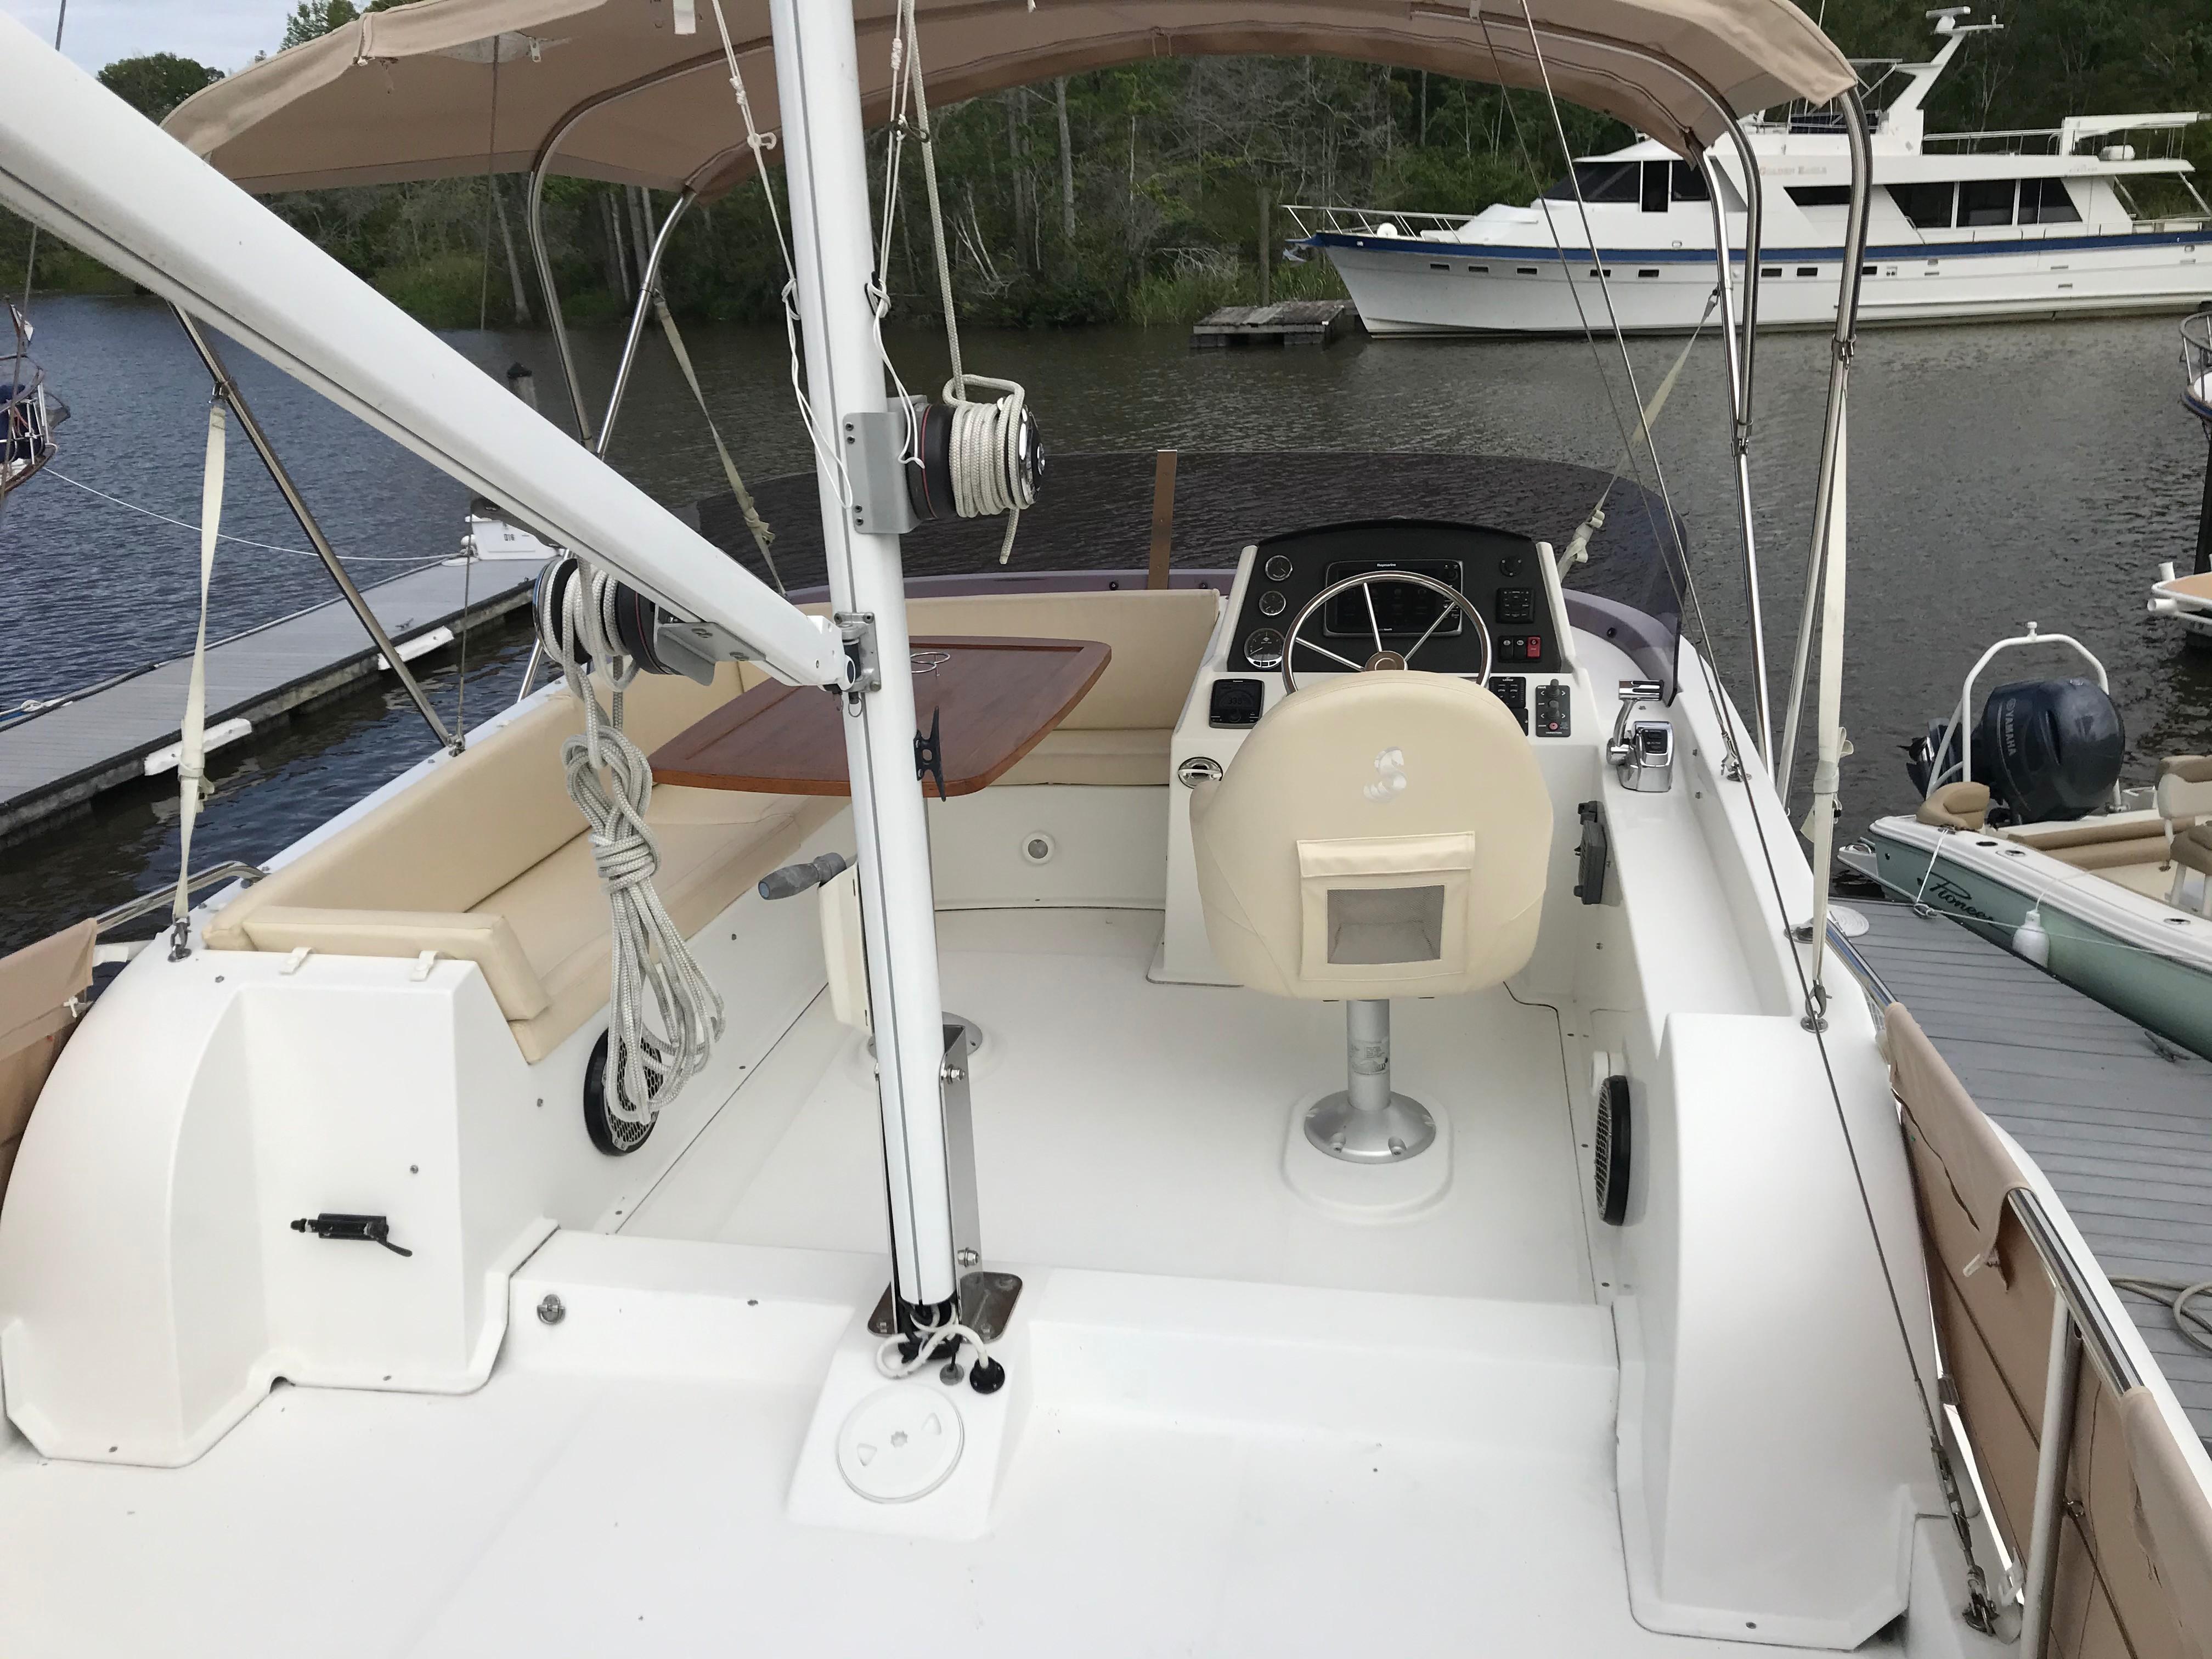 Beneteau 34 Swift Trawler - Flybridge Seating/Bimini Top